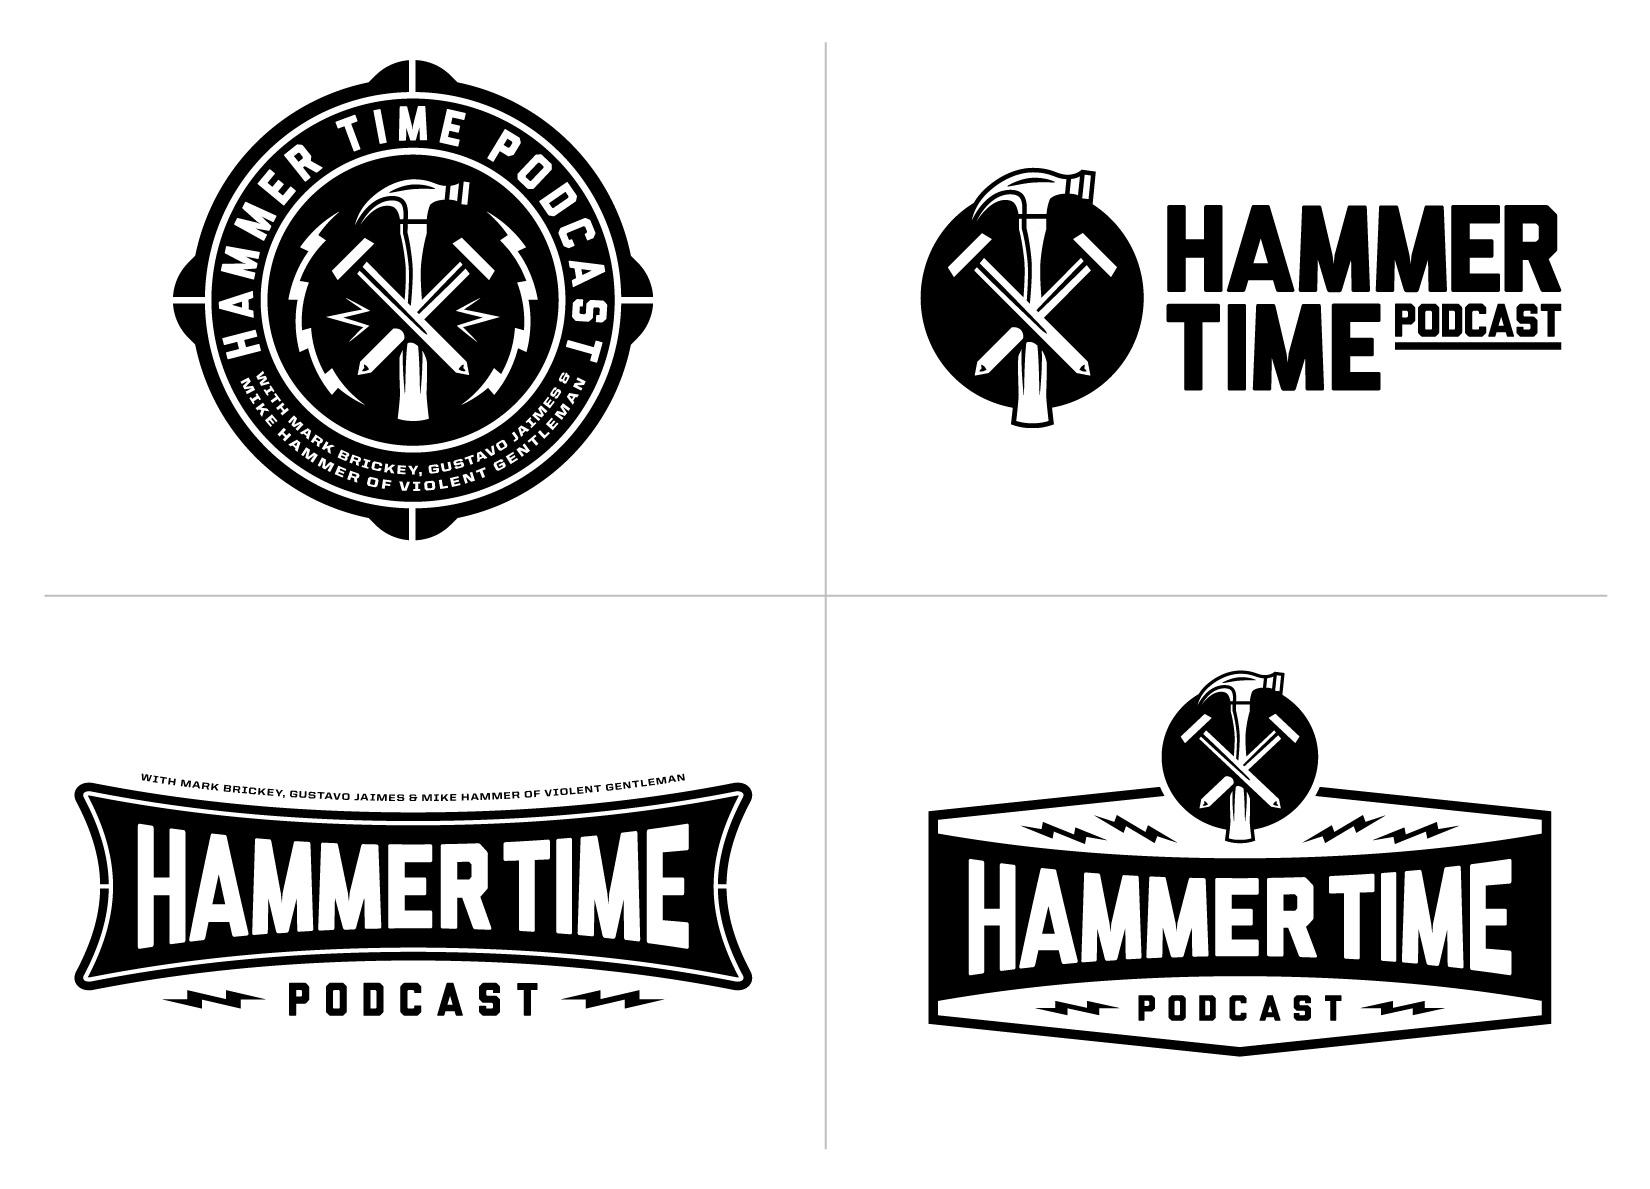 hammertime_logo_comp1.jpg